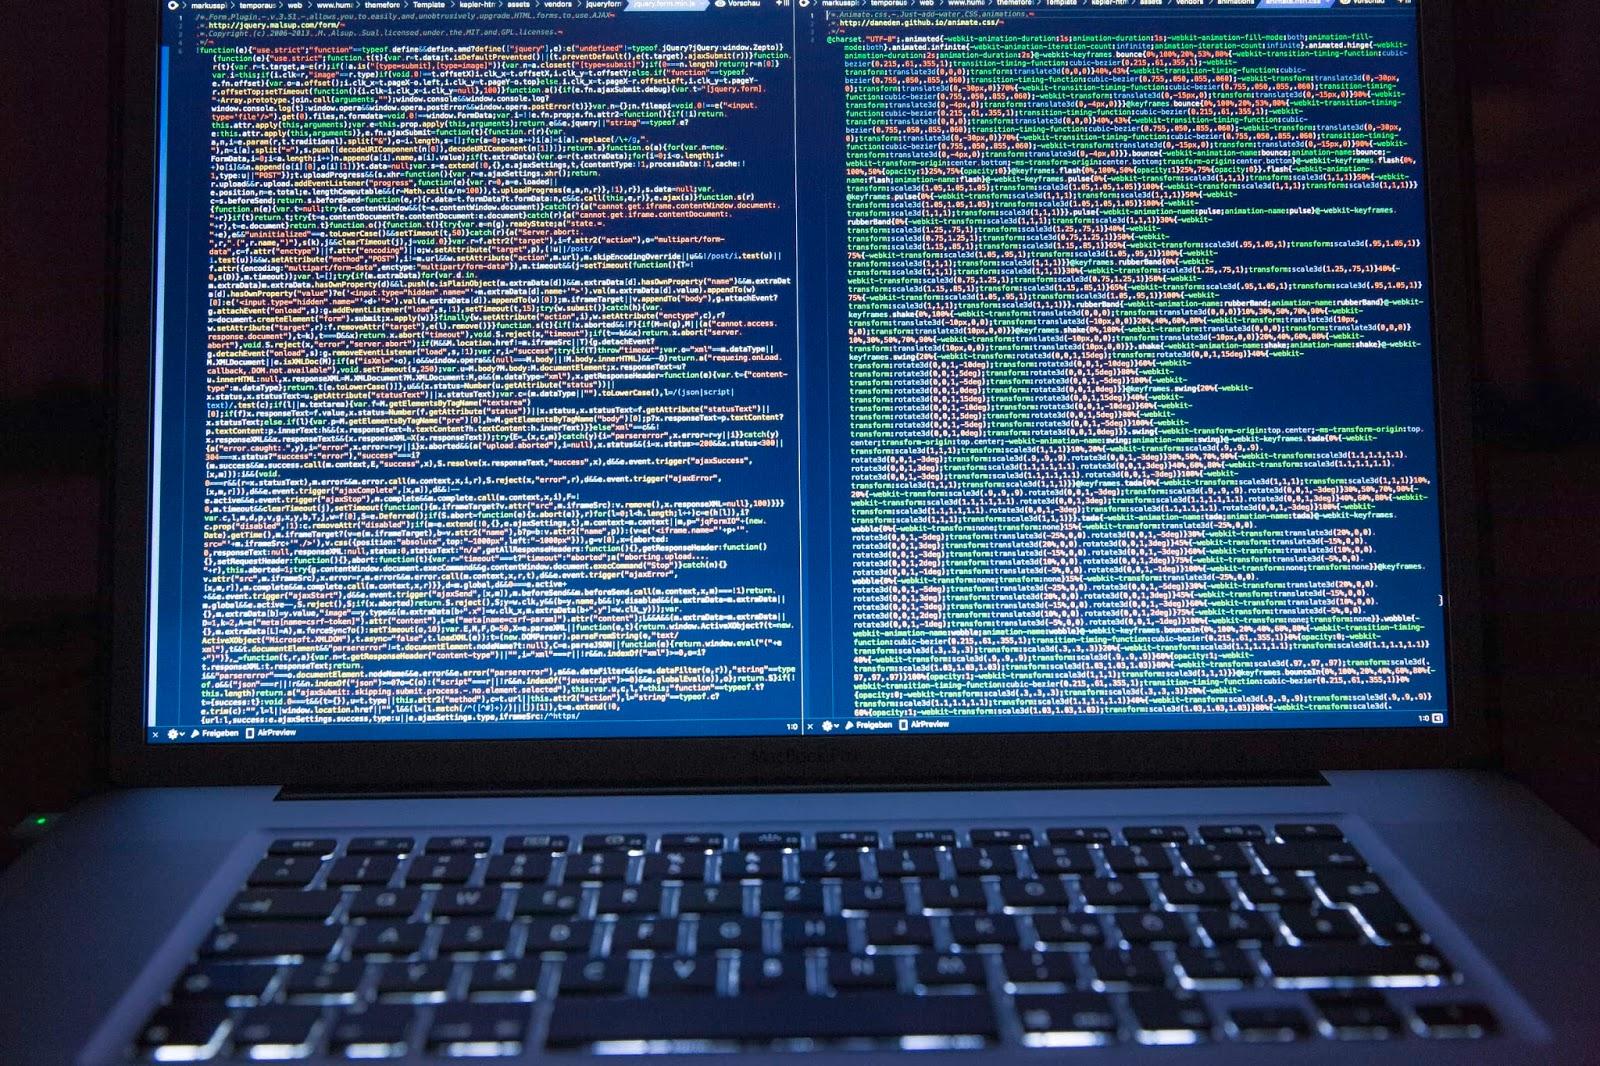 كيف تختار افضل مكافح فيروسات لجميع أجهزتك الالكترونية